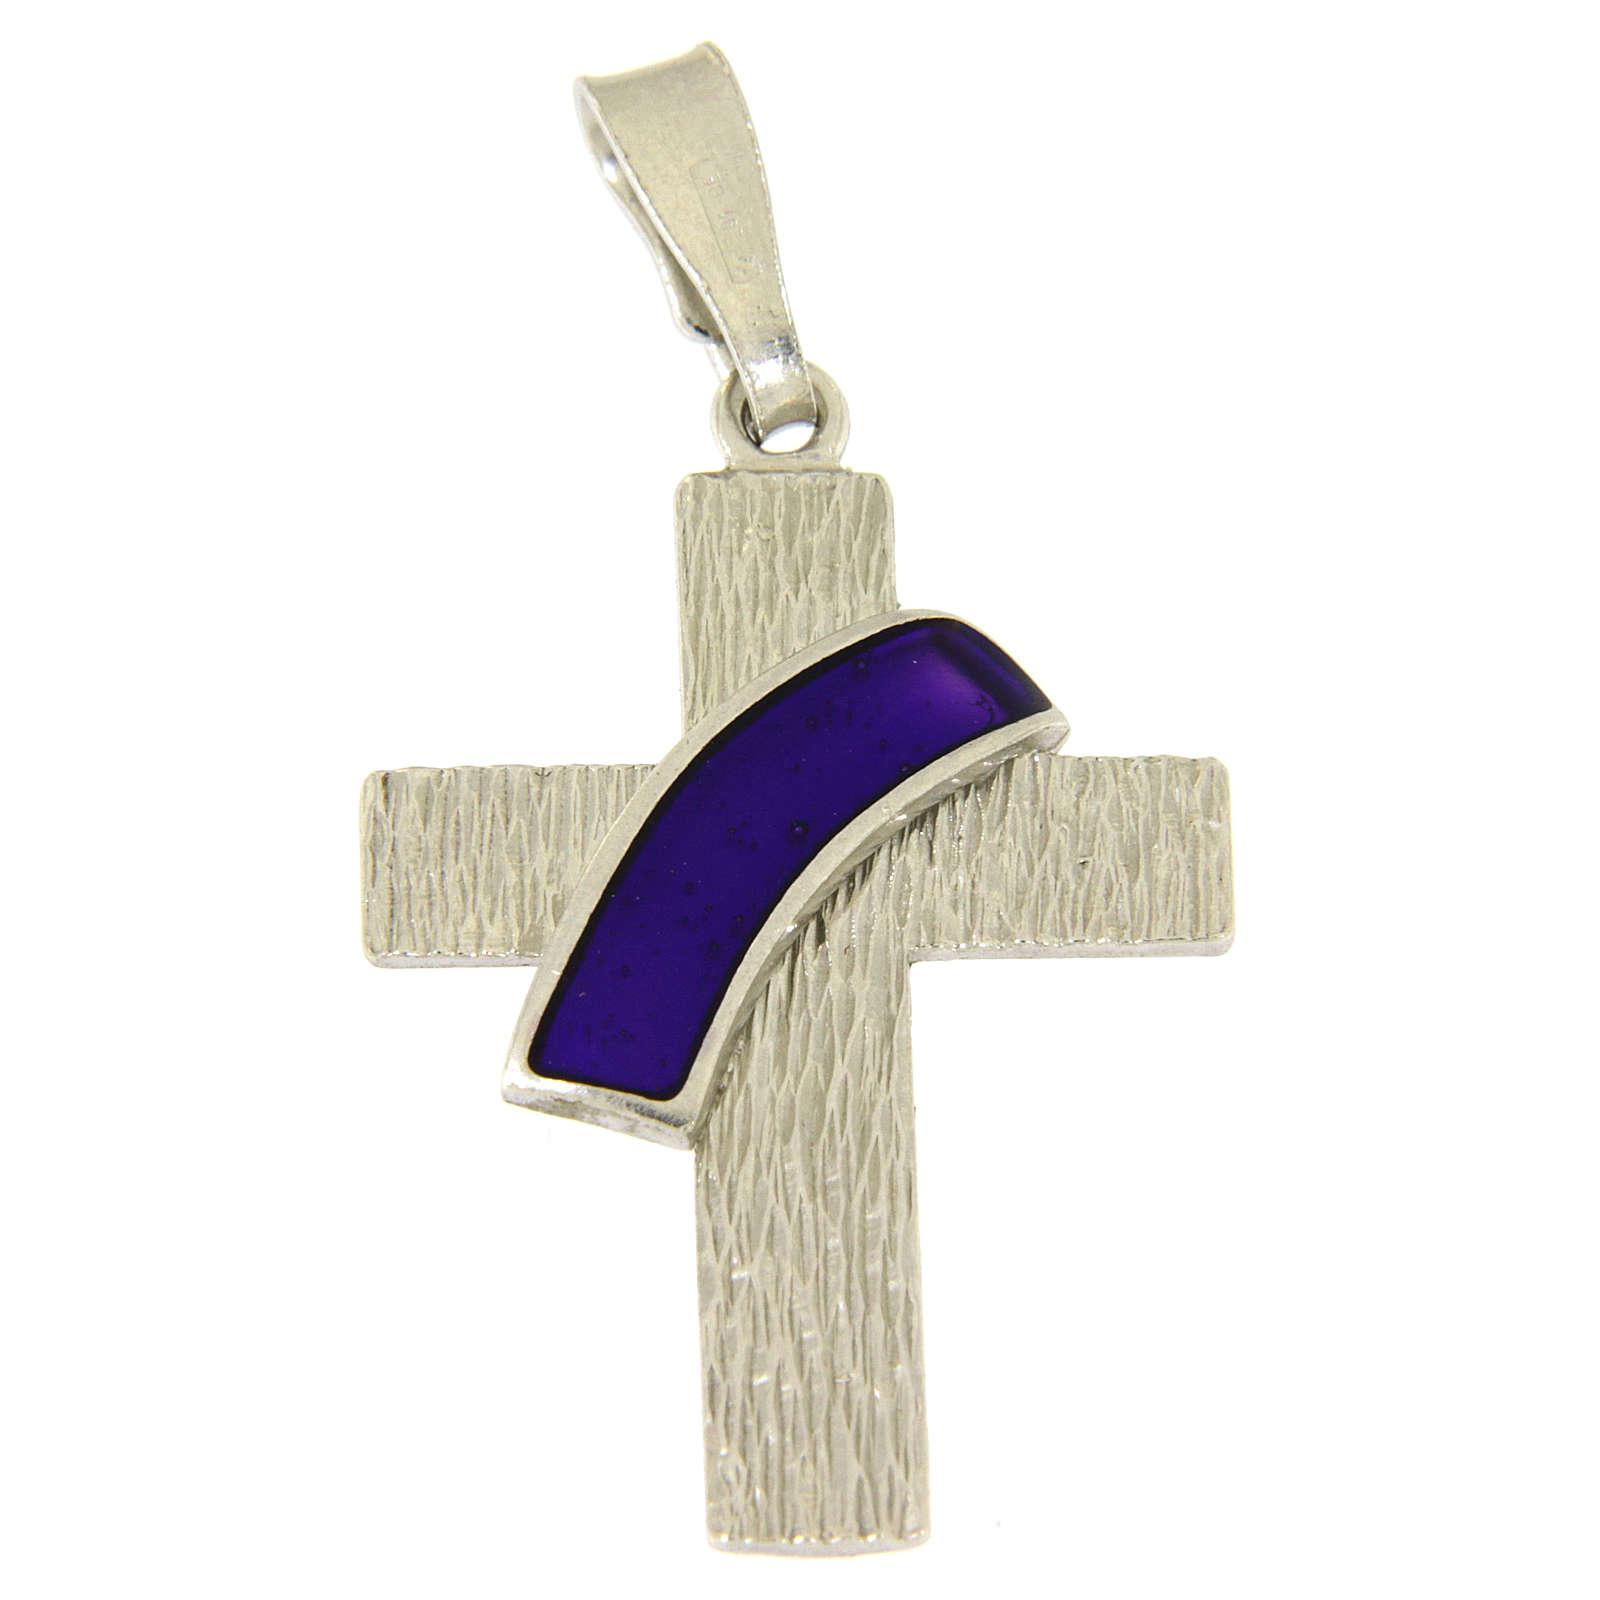 Ciondolo croce diaconale in argento 925 e dettaglio viola 4